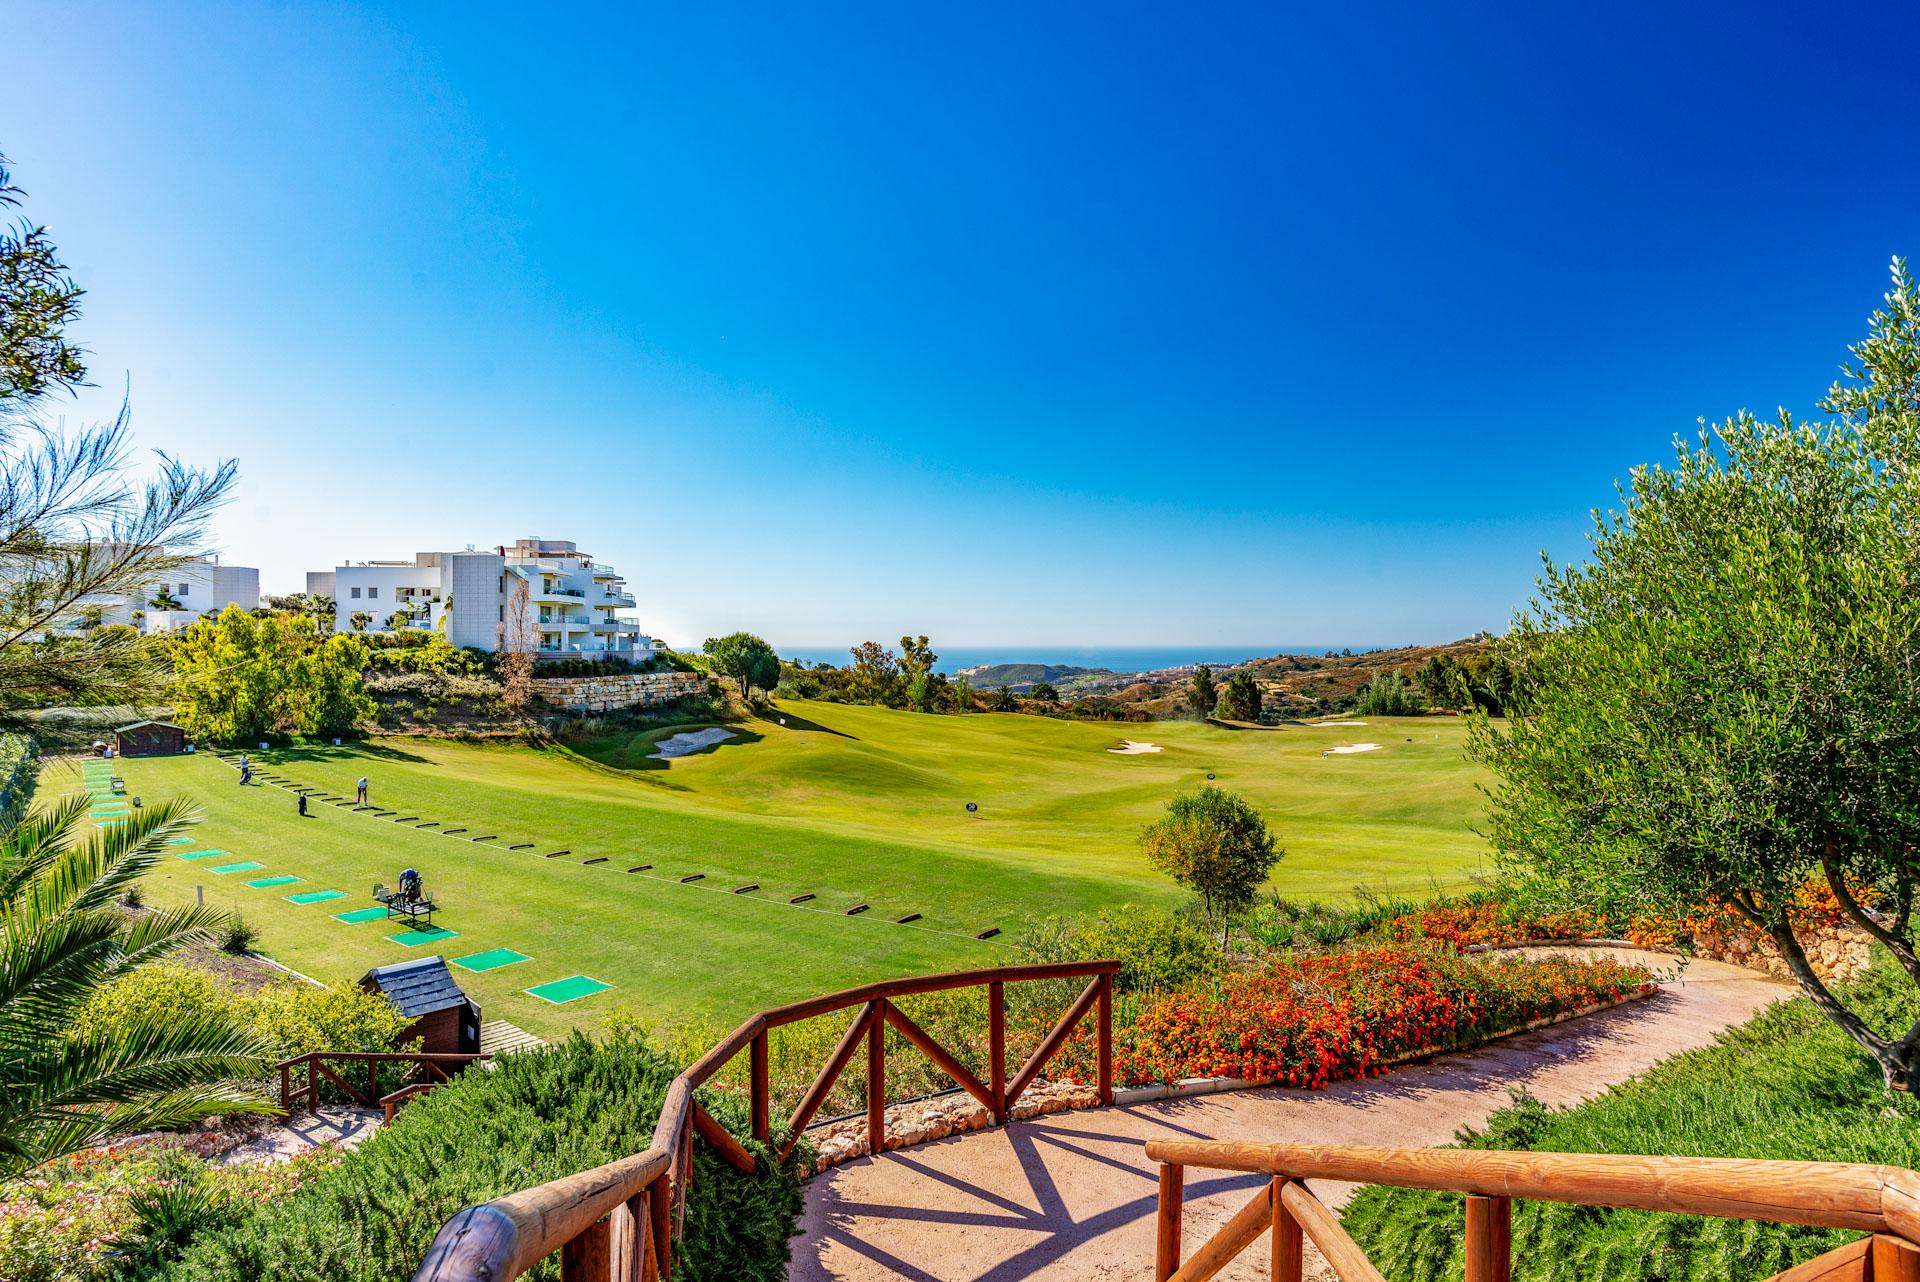 La Cala - Campo America Golf Course-17169